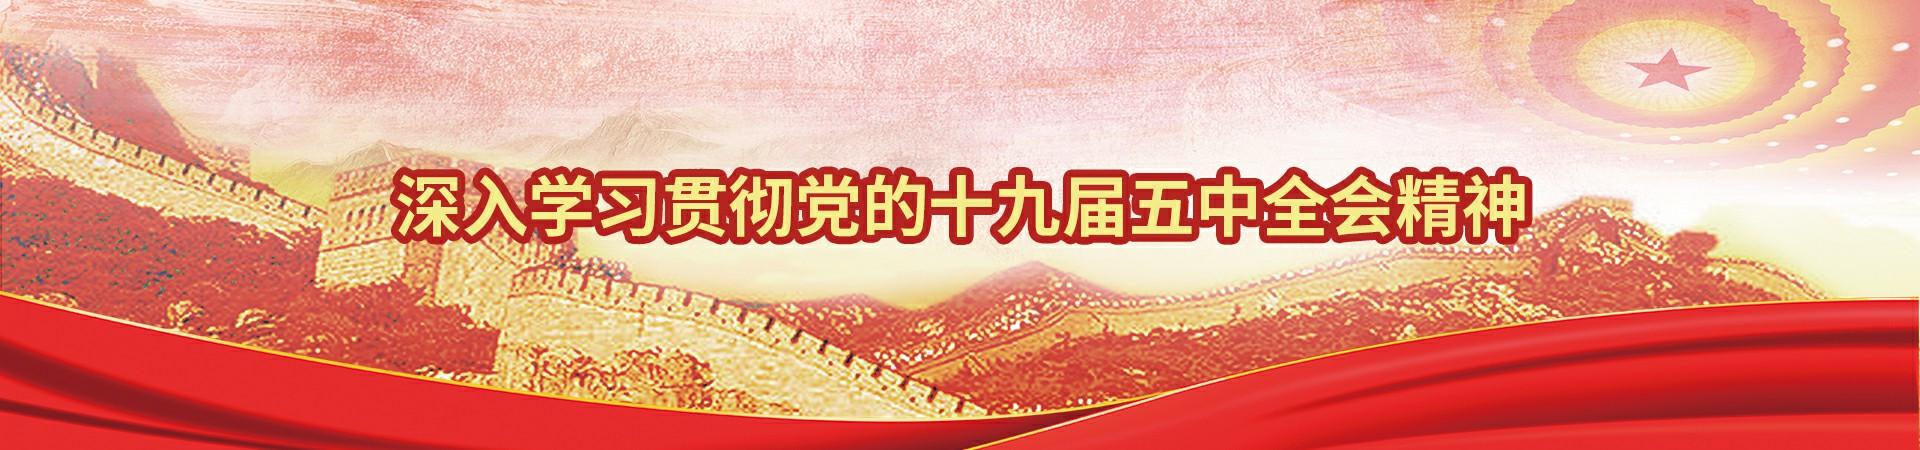 格式工厂5zhonghui.jpg